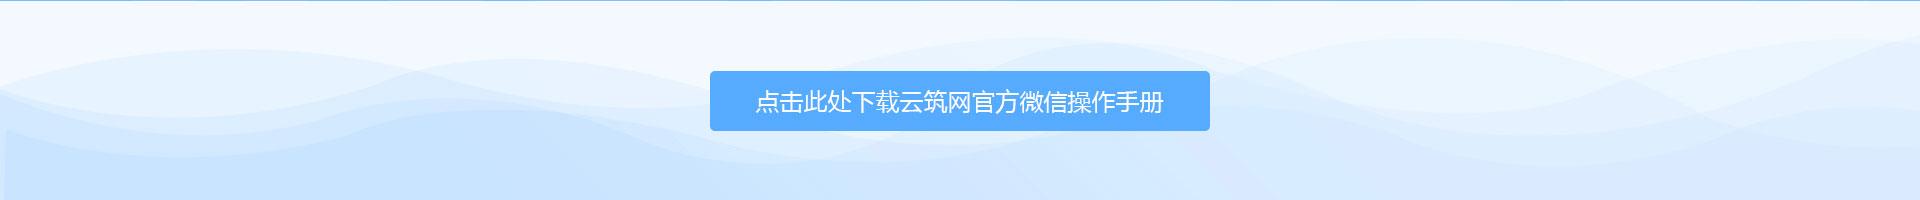 云筑网官方微信,中建集采平台,中建电商